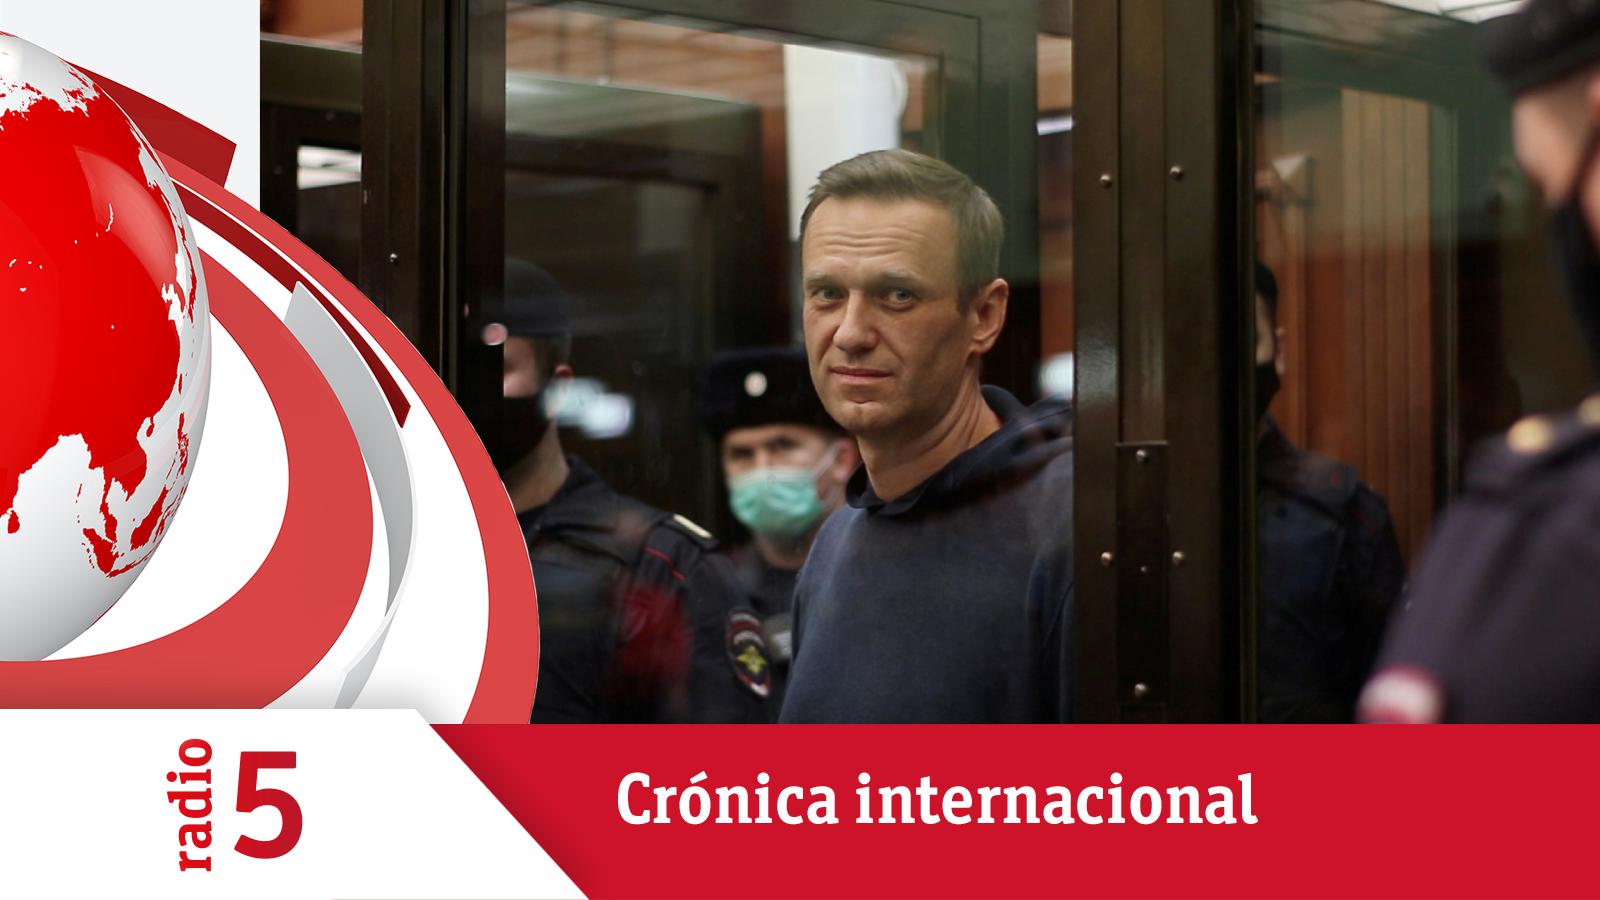 Crónica Internacional - Navalni se enfrenta a un nuevo juicio - Escuchar ahora